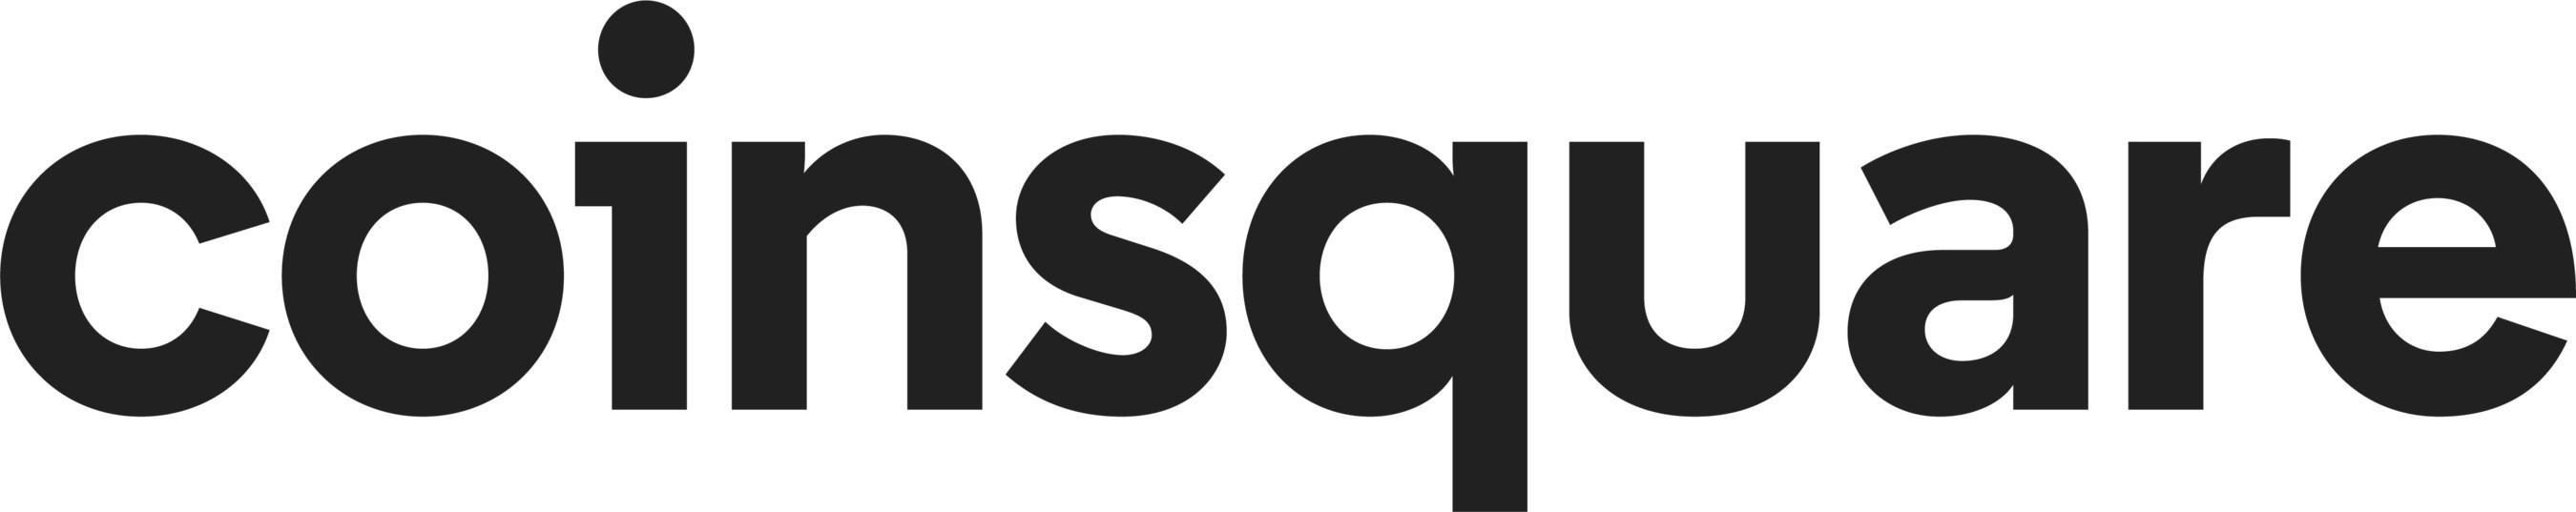 Sponsor logo for Coinsquare